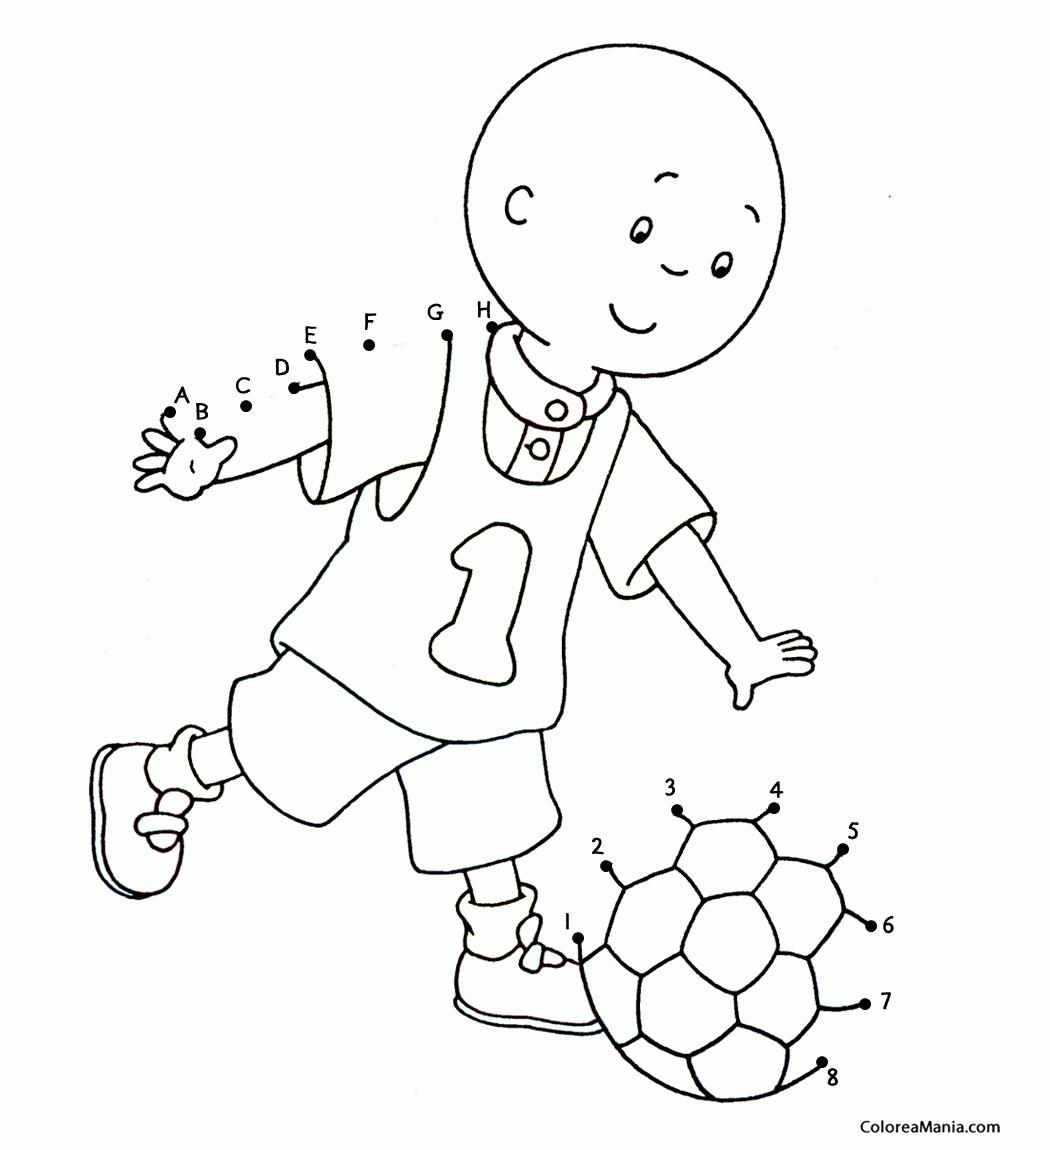 Colorear Caillou jugando a la pelota (Cine y TV), dibujo para ...